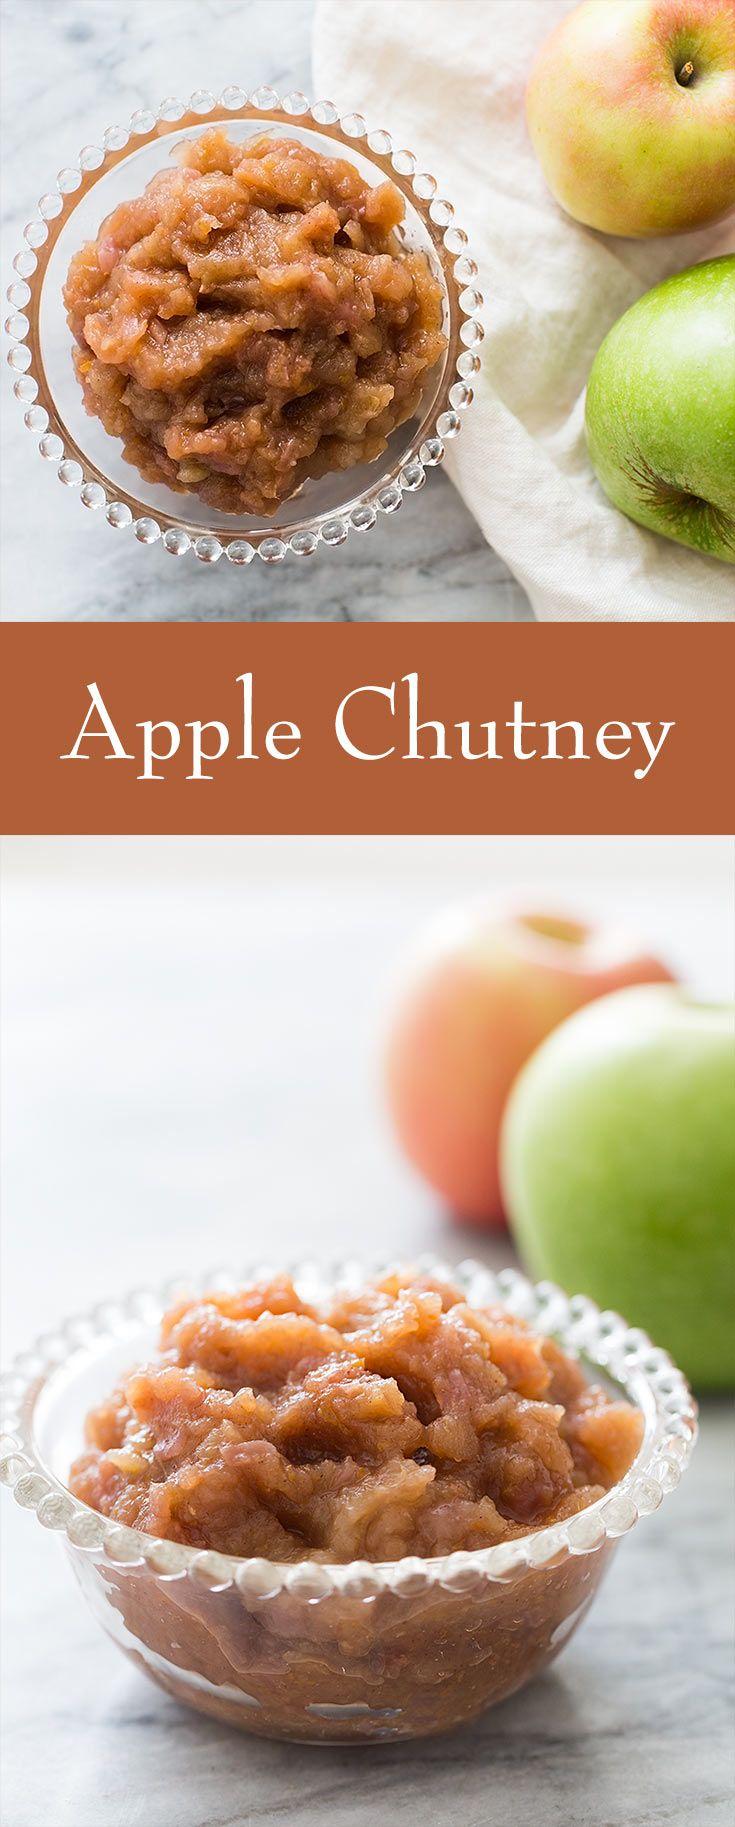 Top 25 ideas about Apple Chutney on Pinterest | Chutneys ...